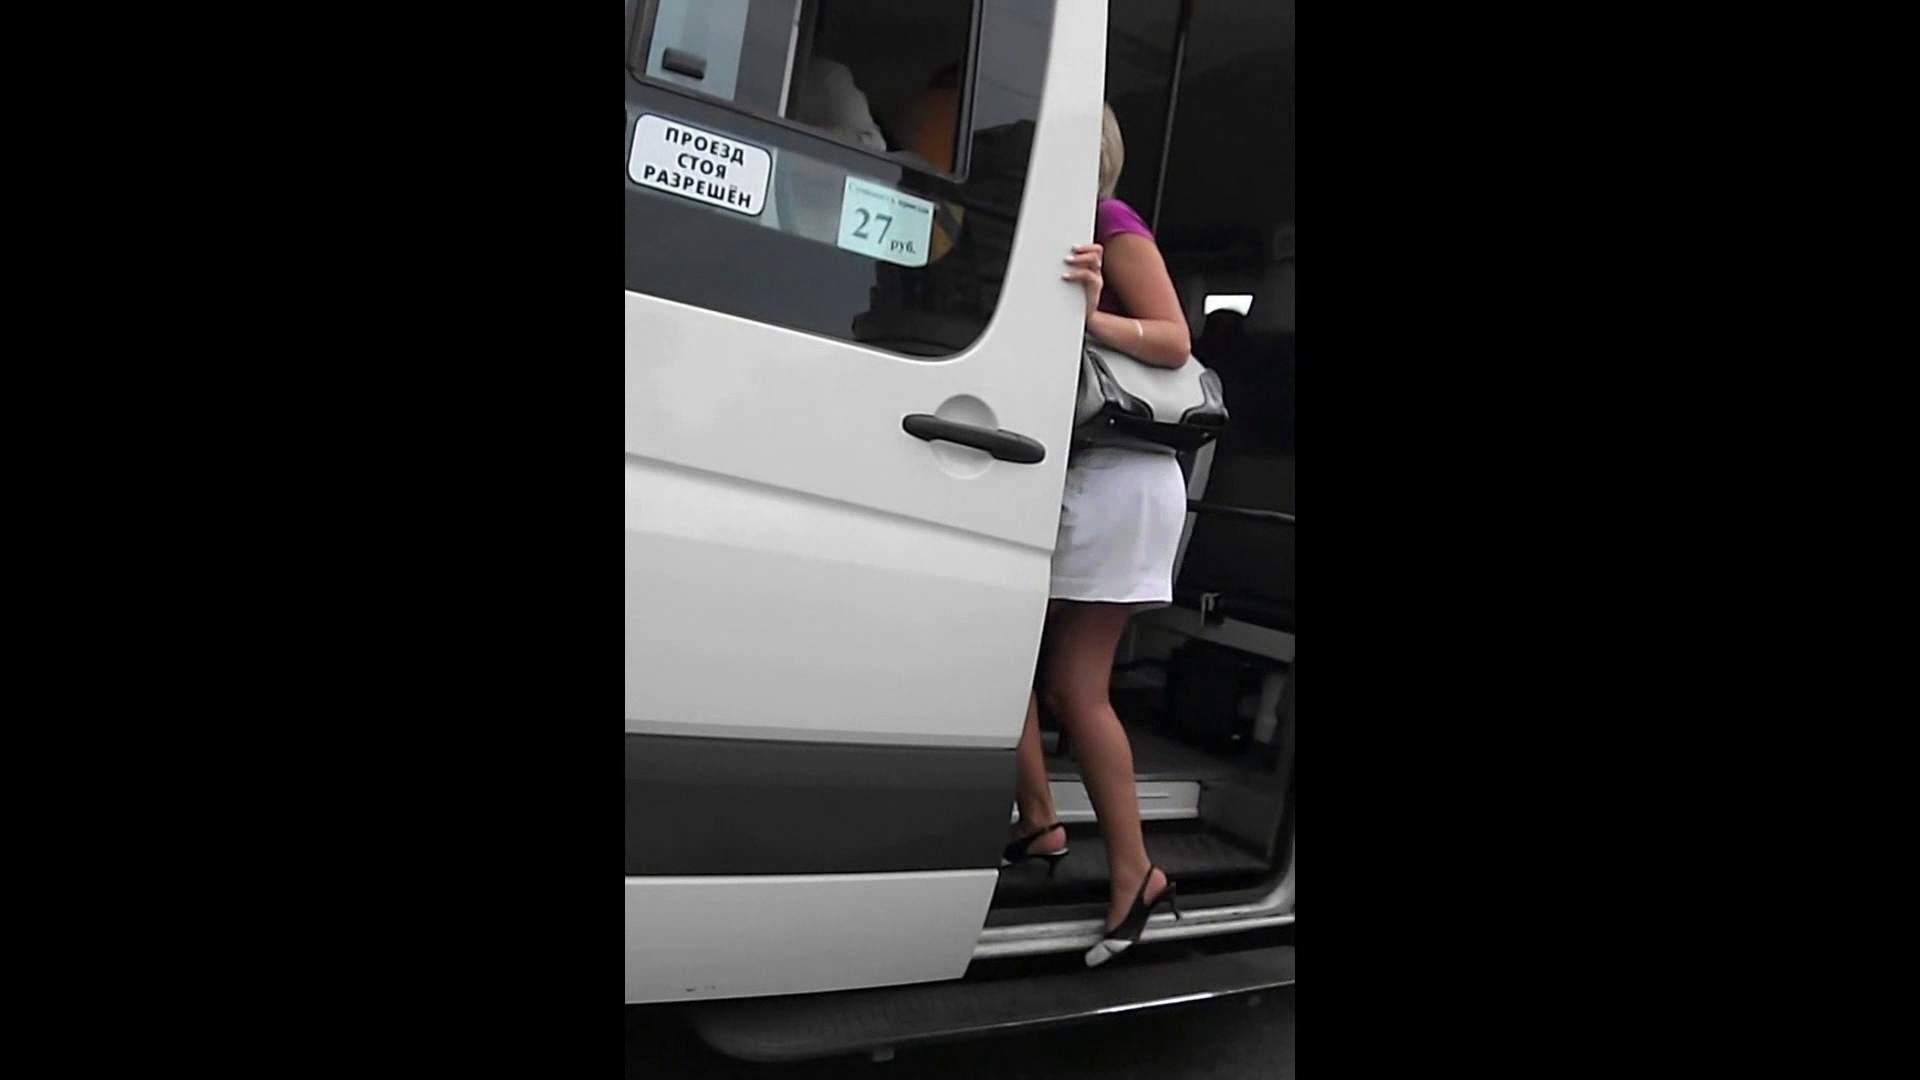 綺麗なモデルさんのスカート捲っちゃおう‼vol04 いやらしいOL セックス画像 49連発 22